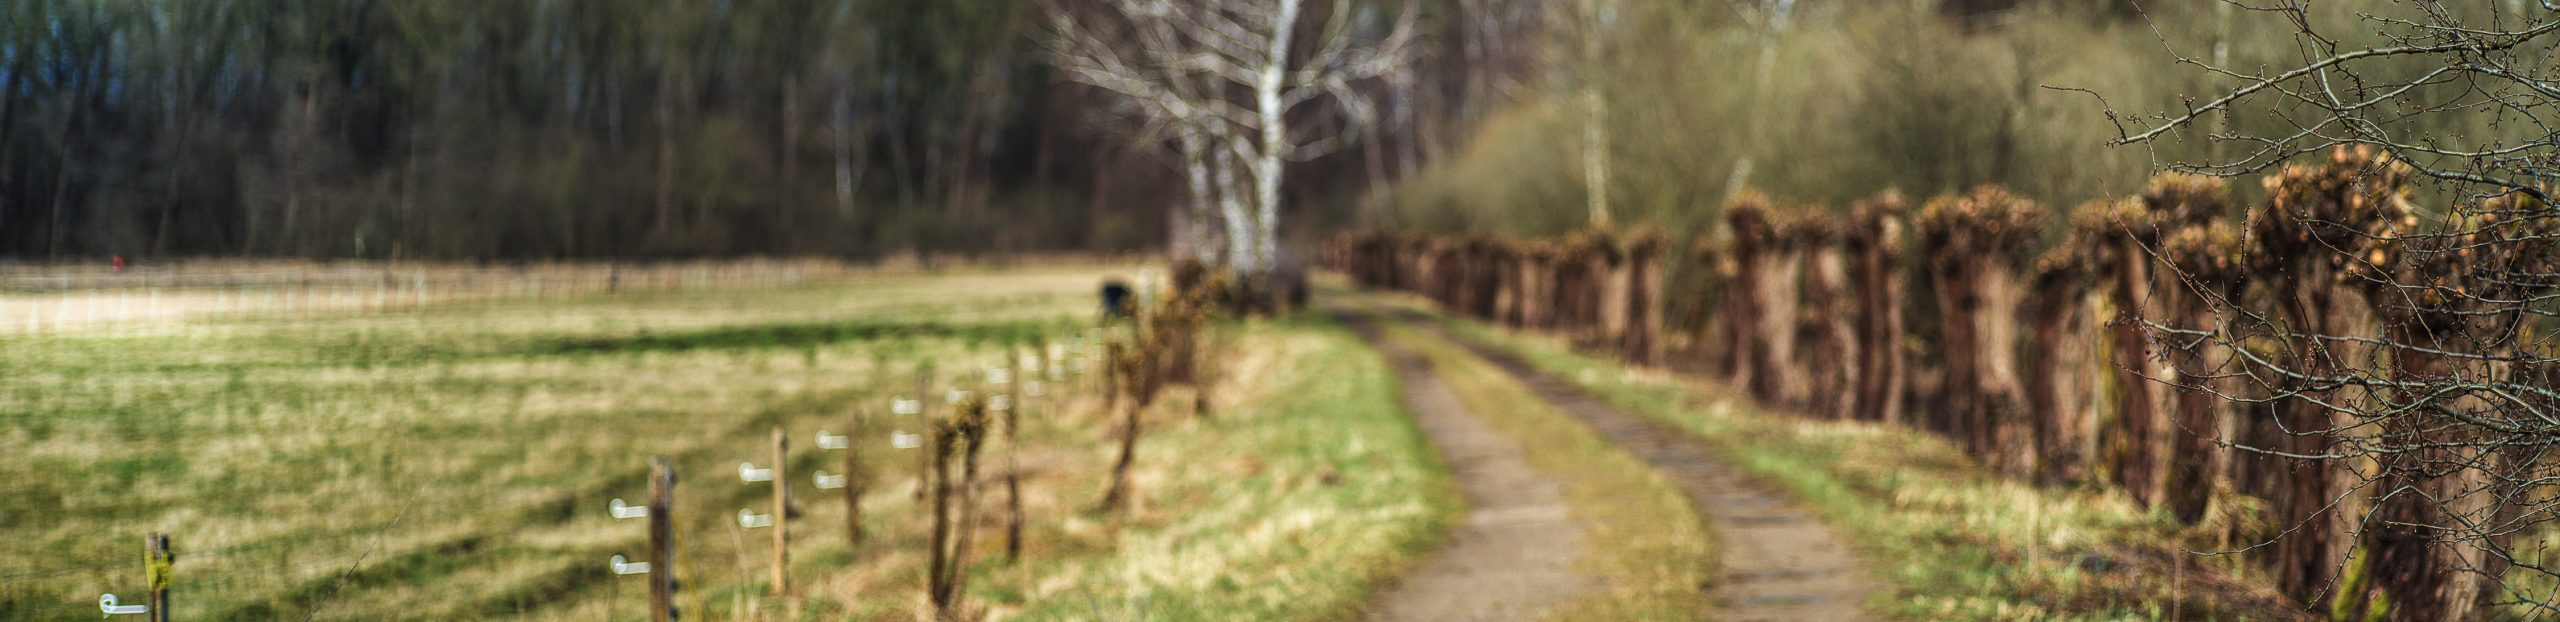 Weg durch die Weiden, unscharf bis auf einen Ast, der von rechts ins Bild ragt